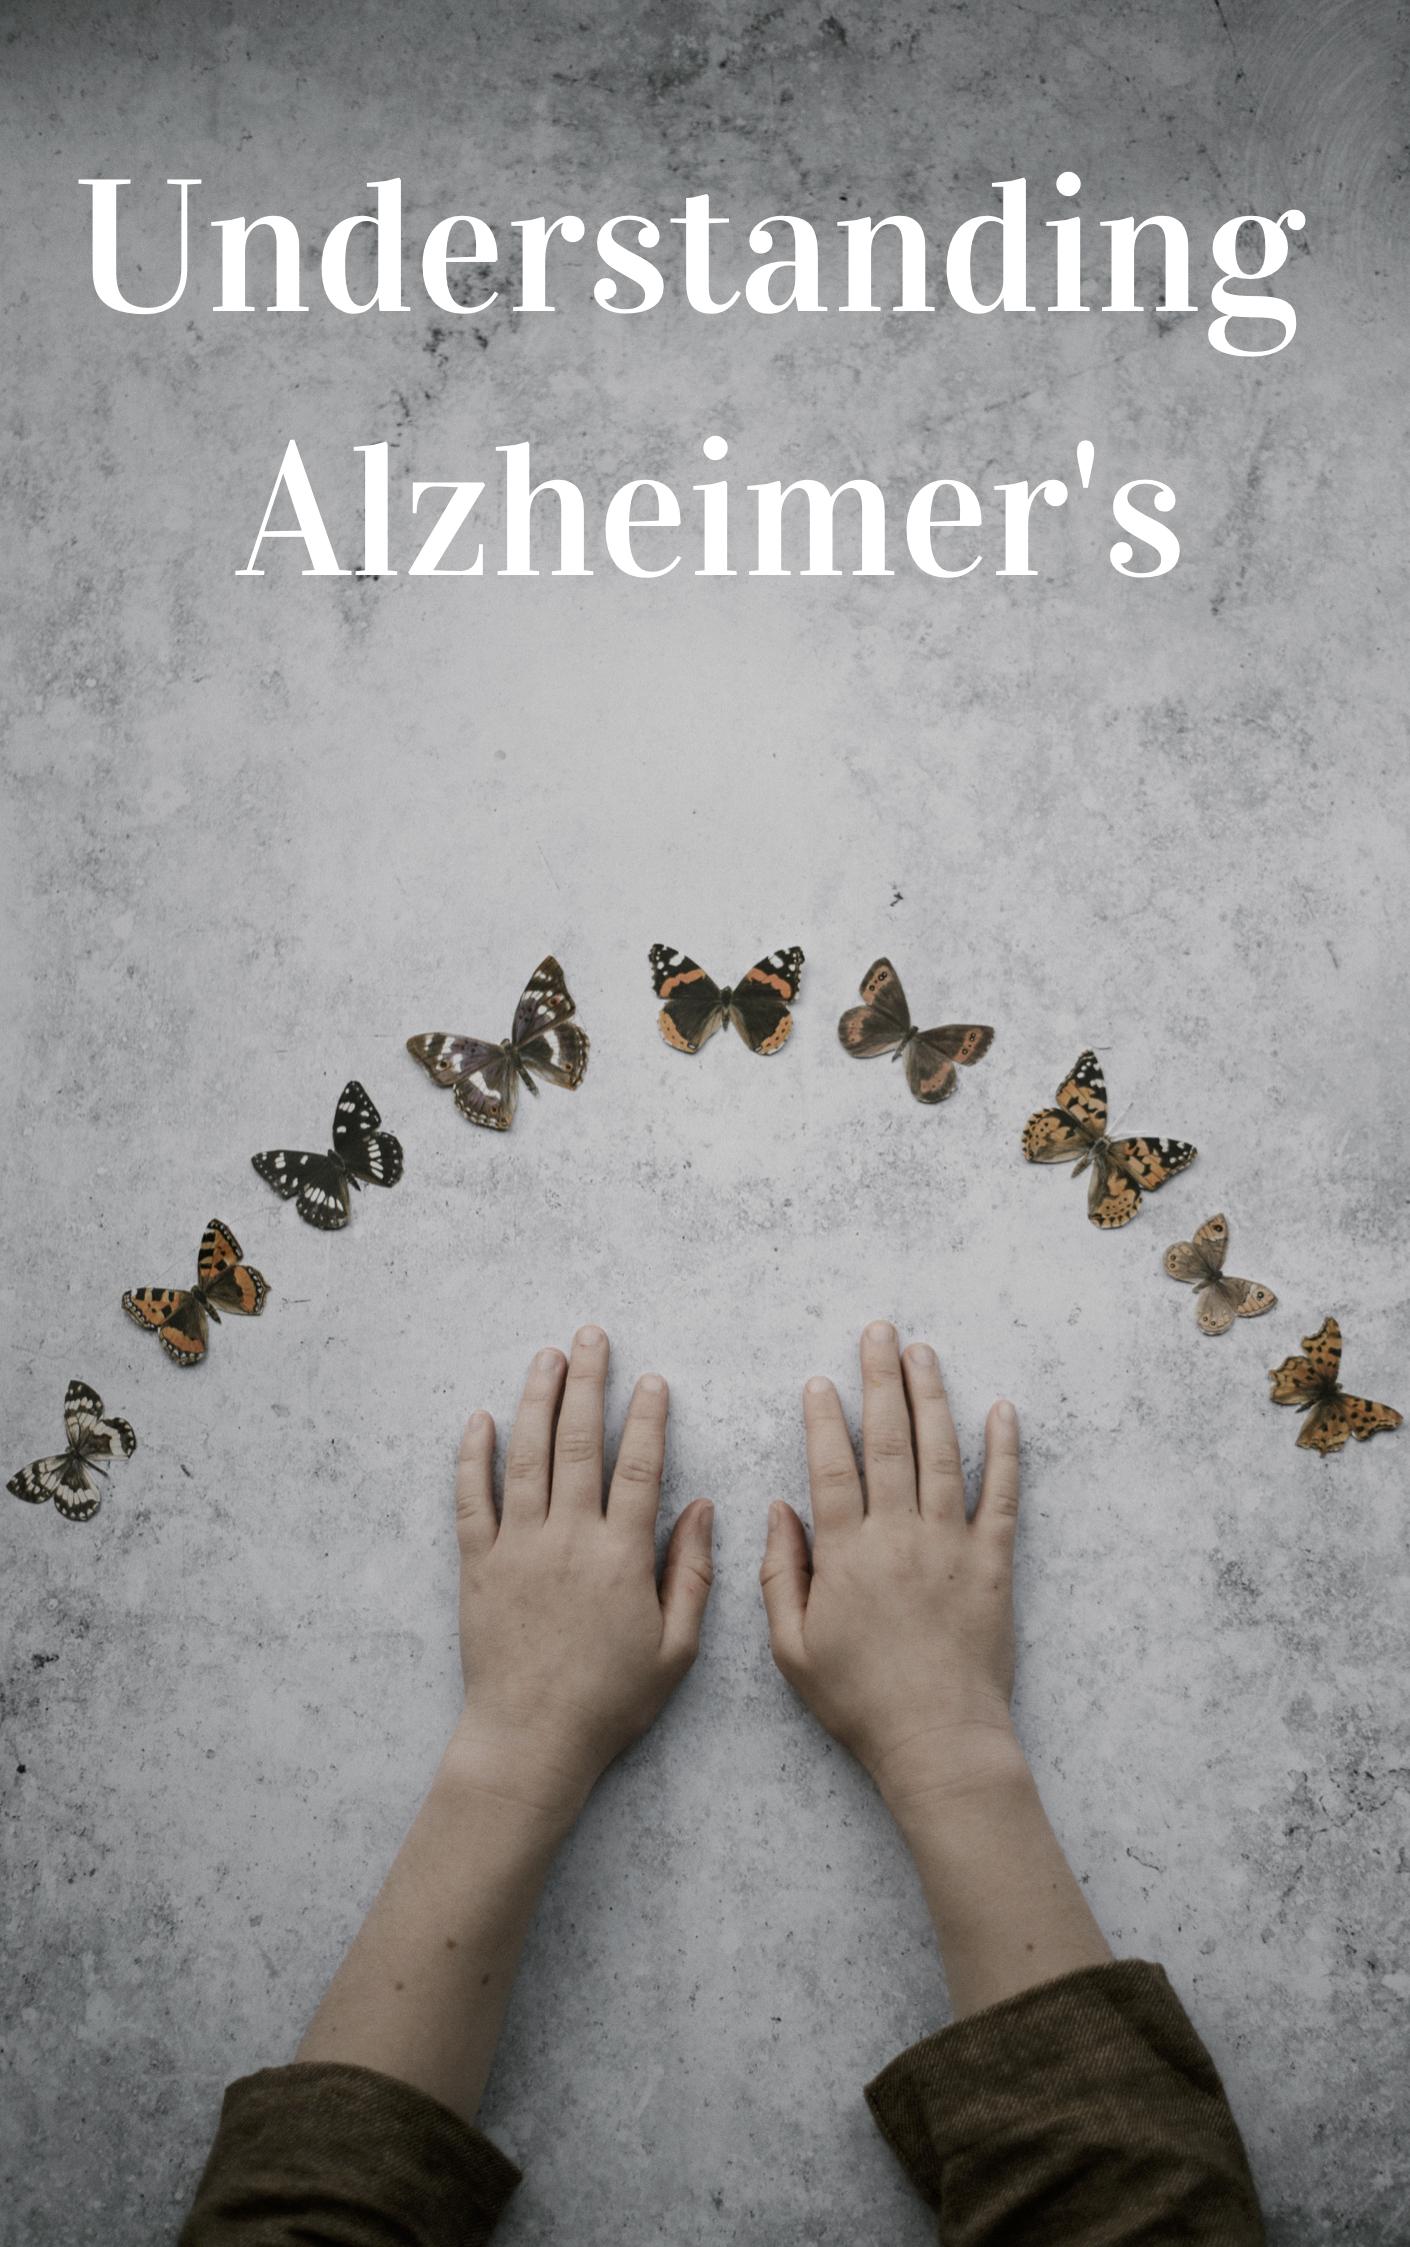 alzheimer's book image.jpg